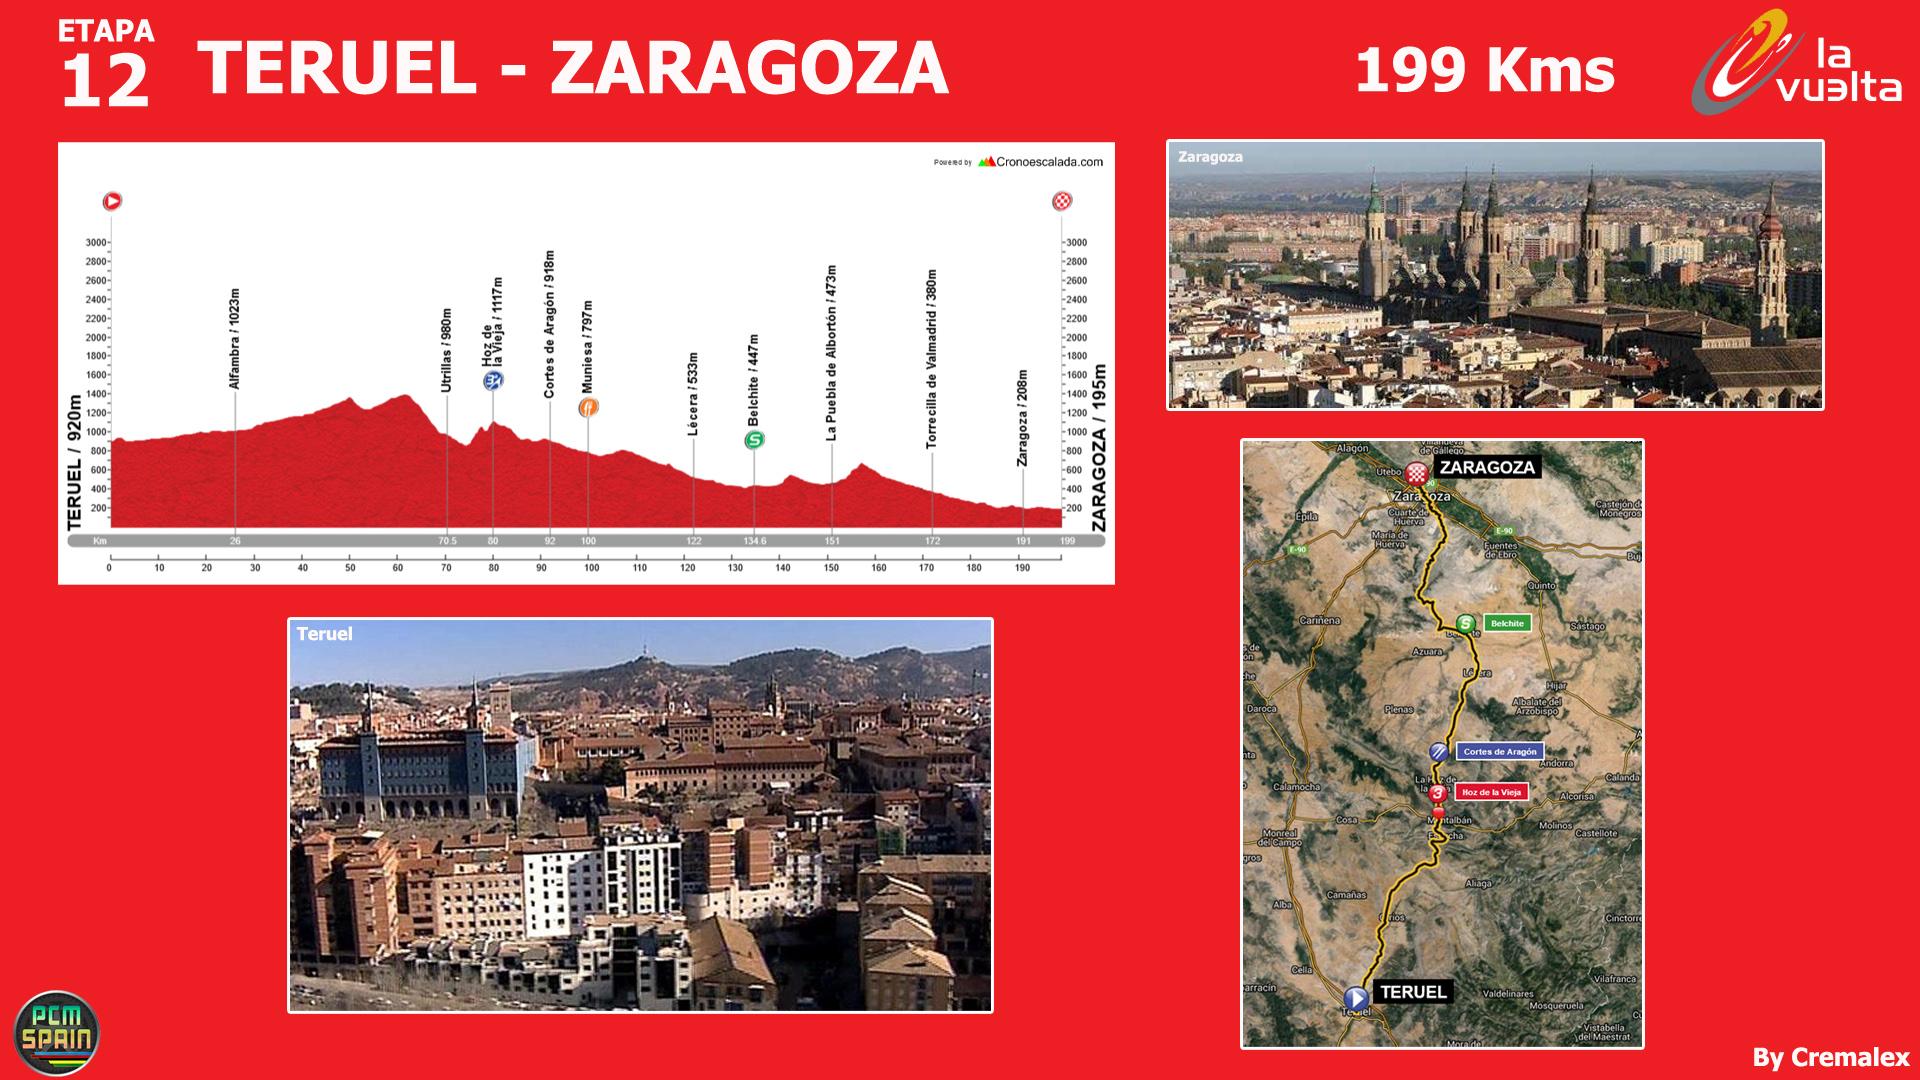 Concurso Vuelta a España 2015 - Página 6 256181Etapas12